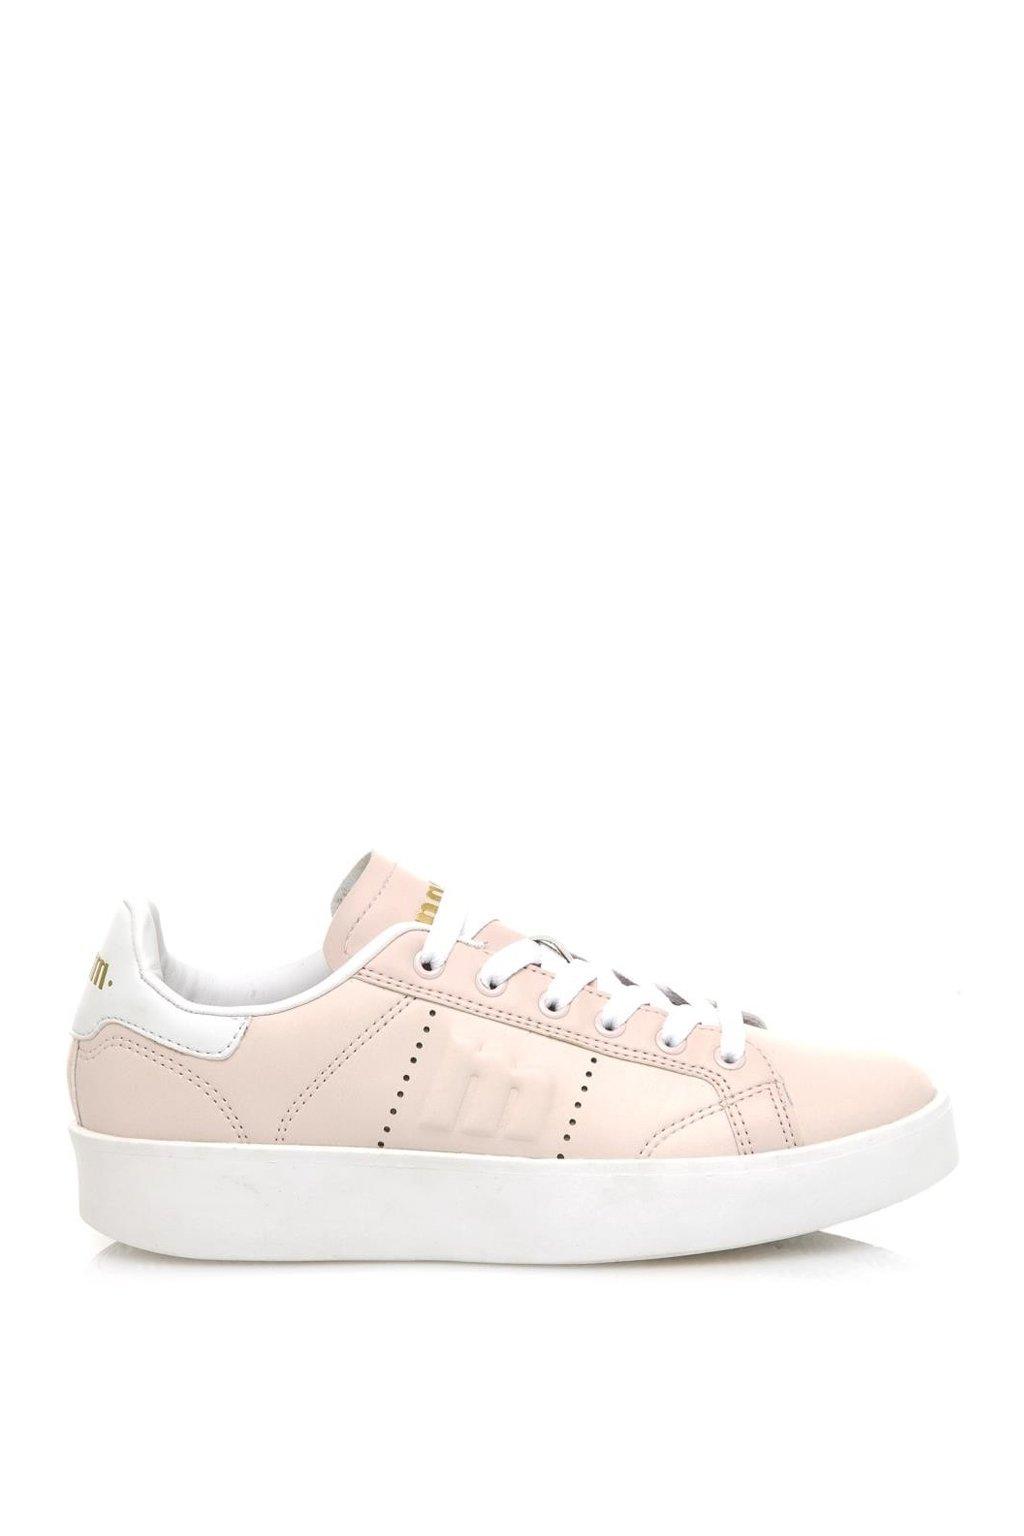 Růžové tenisky s bílou podrážkou MTNG